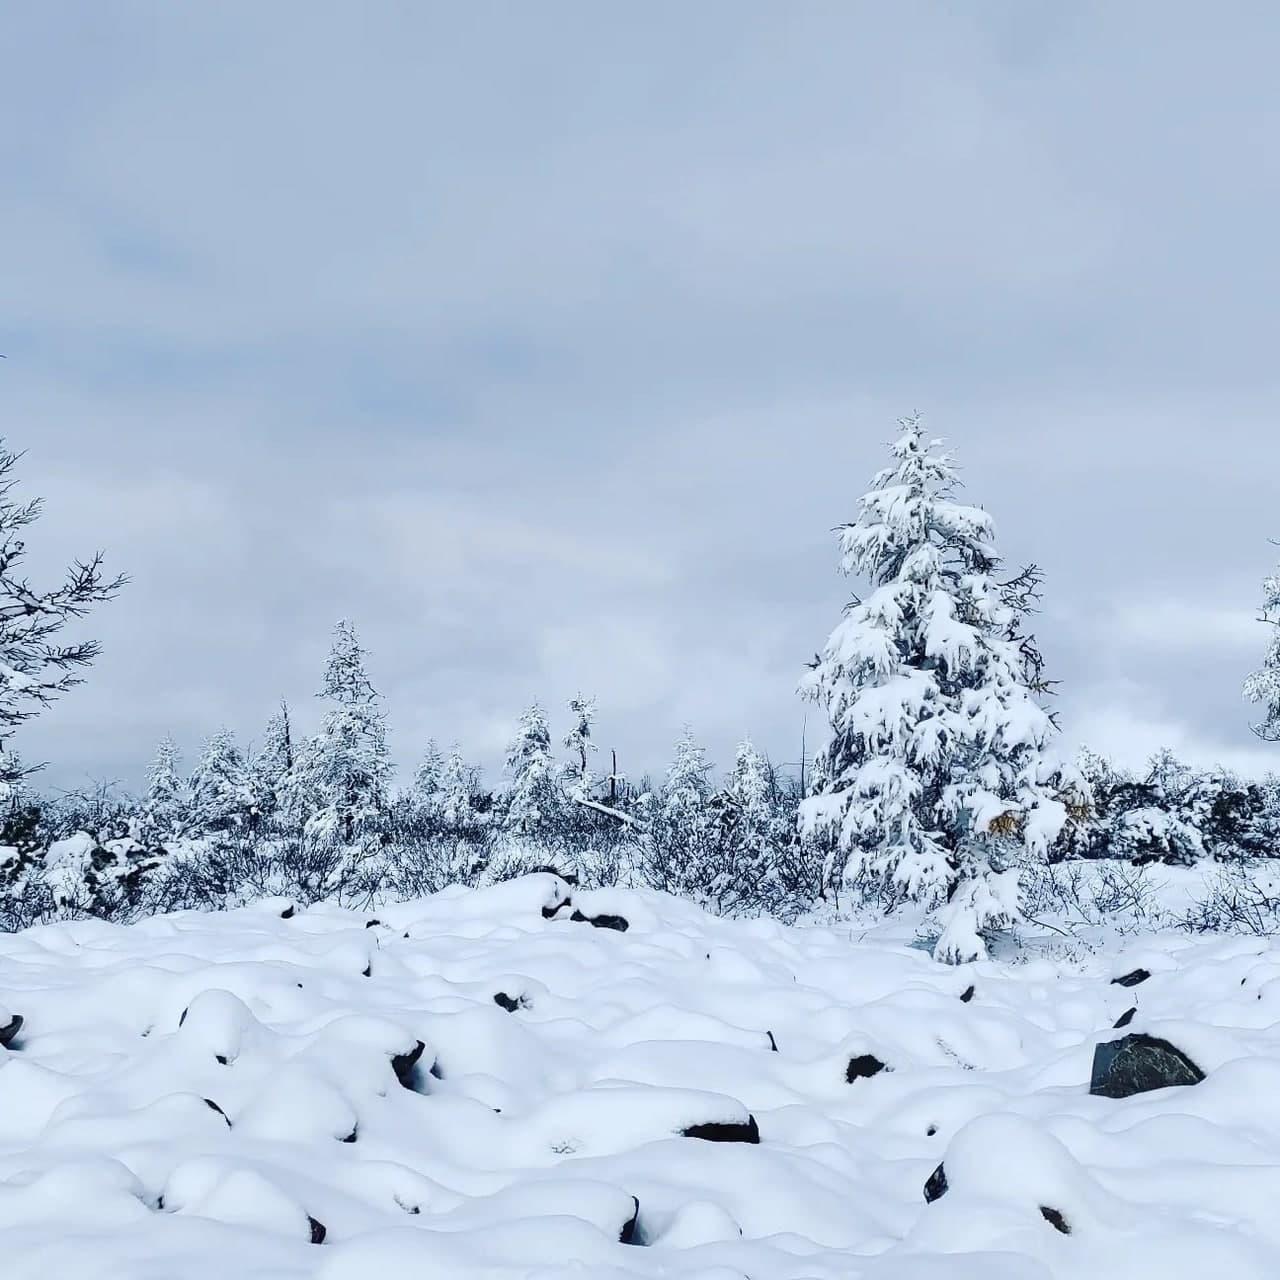 Нежданно-негаданно снег выпал в Каларском районе Забайкалья. Фото: Павел Стрельцов. 24 сентября 2021 год.